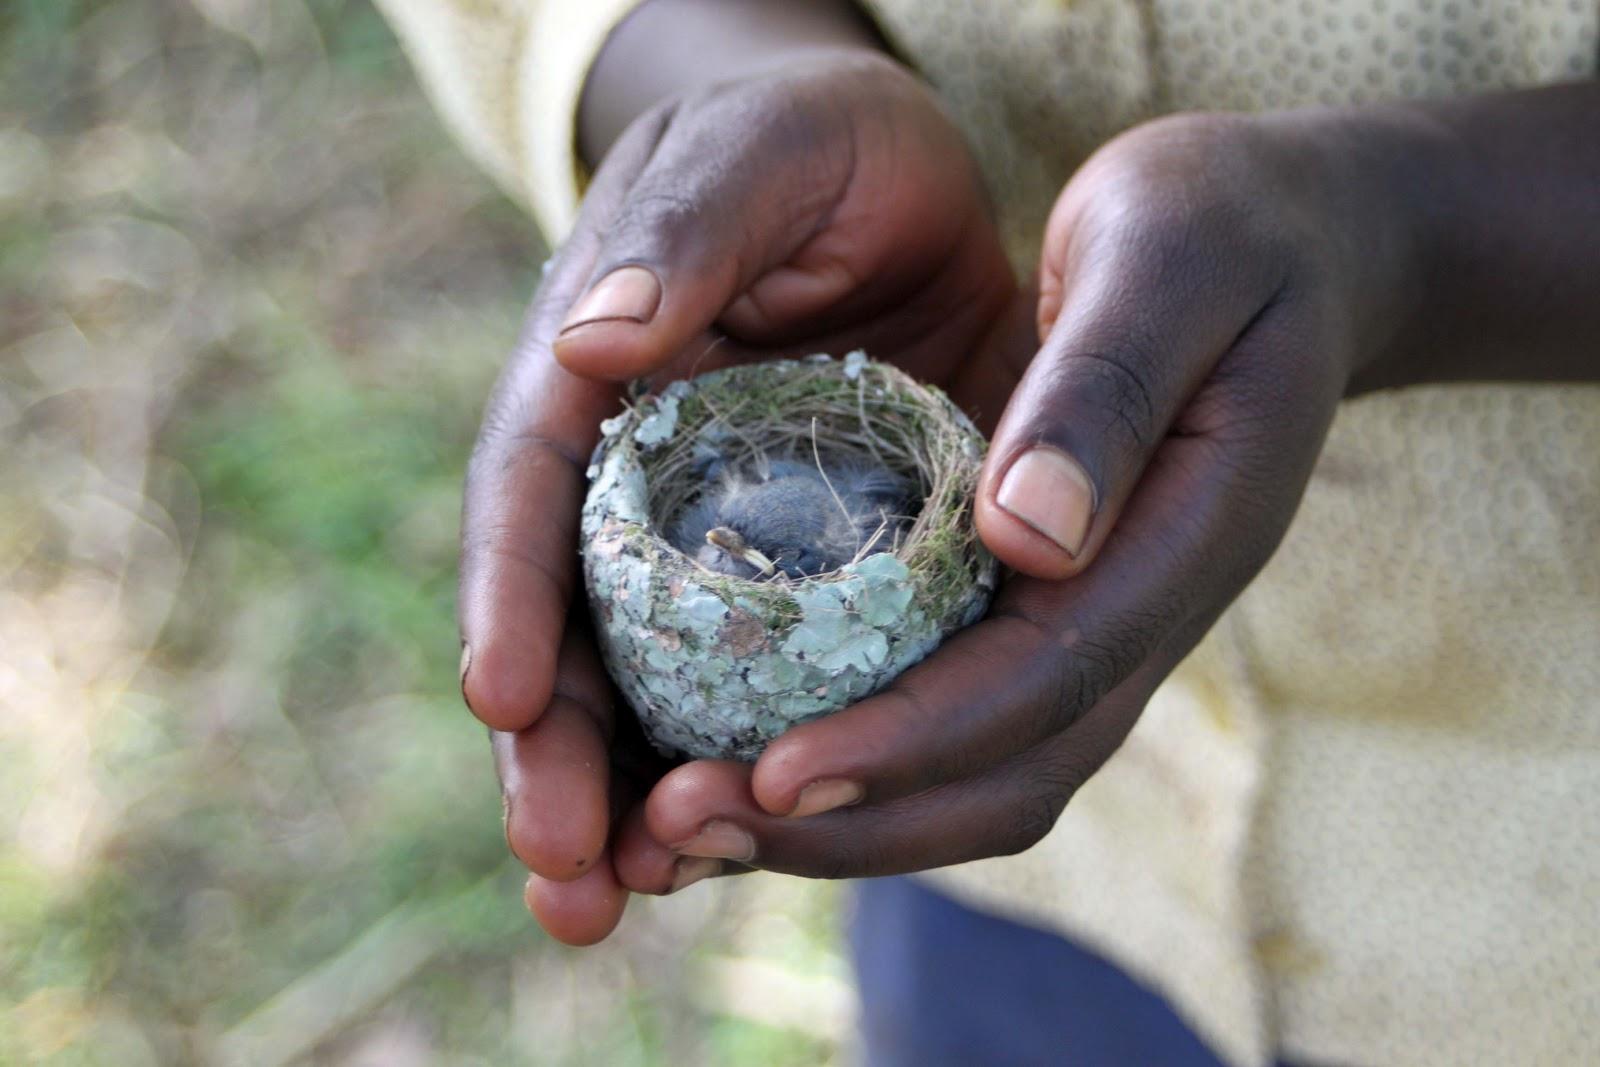 http://4.bp.blogspot.com/-dz_S6DmtocA/T9dClPqM8YI/AAAAAAAAAX4/9IqpVstXREI/s1600/1baby+bird.jpg